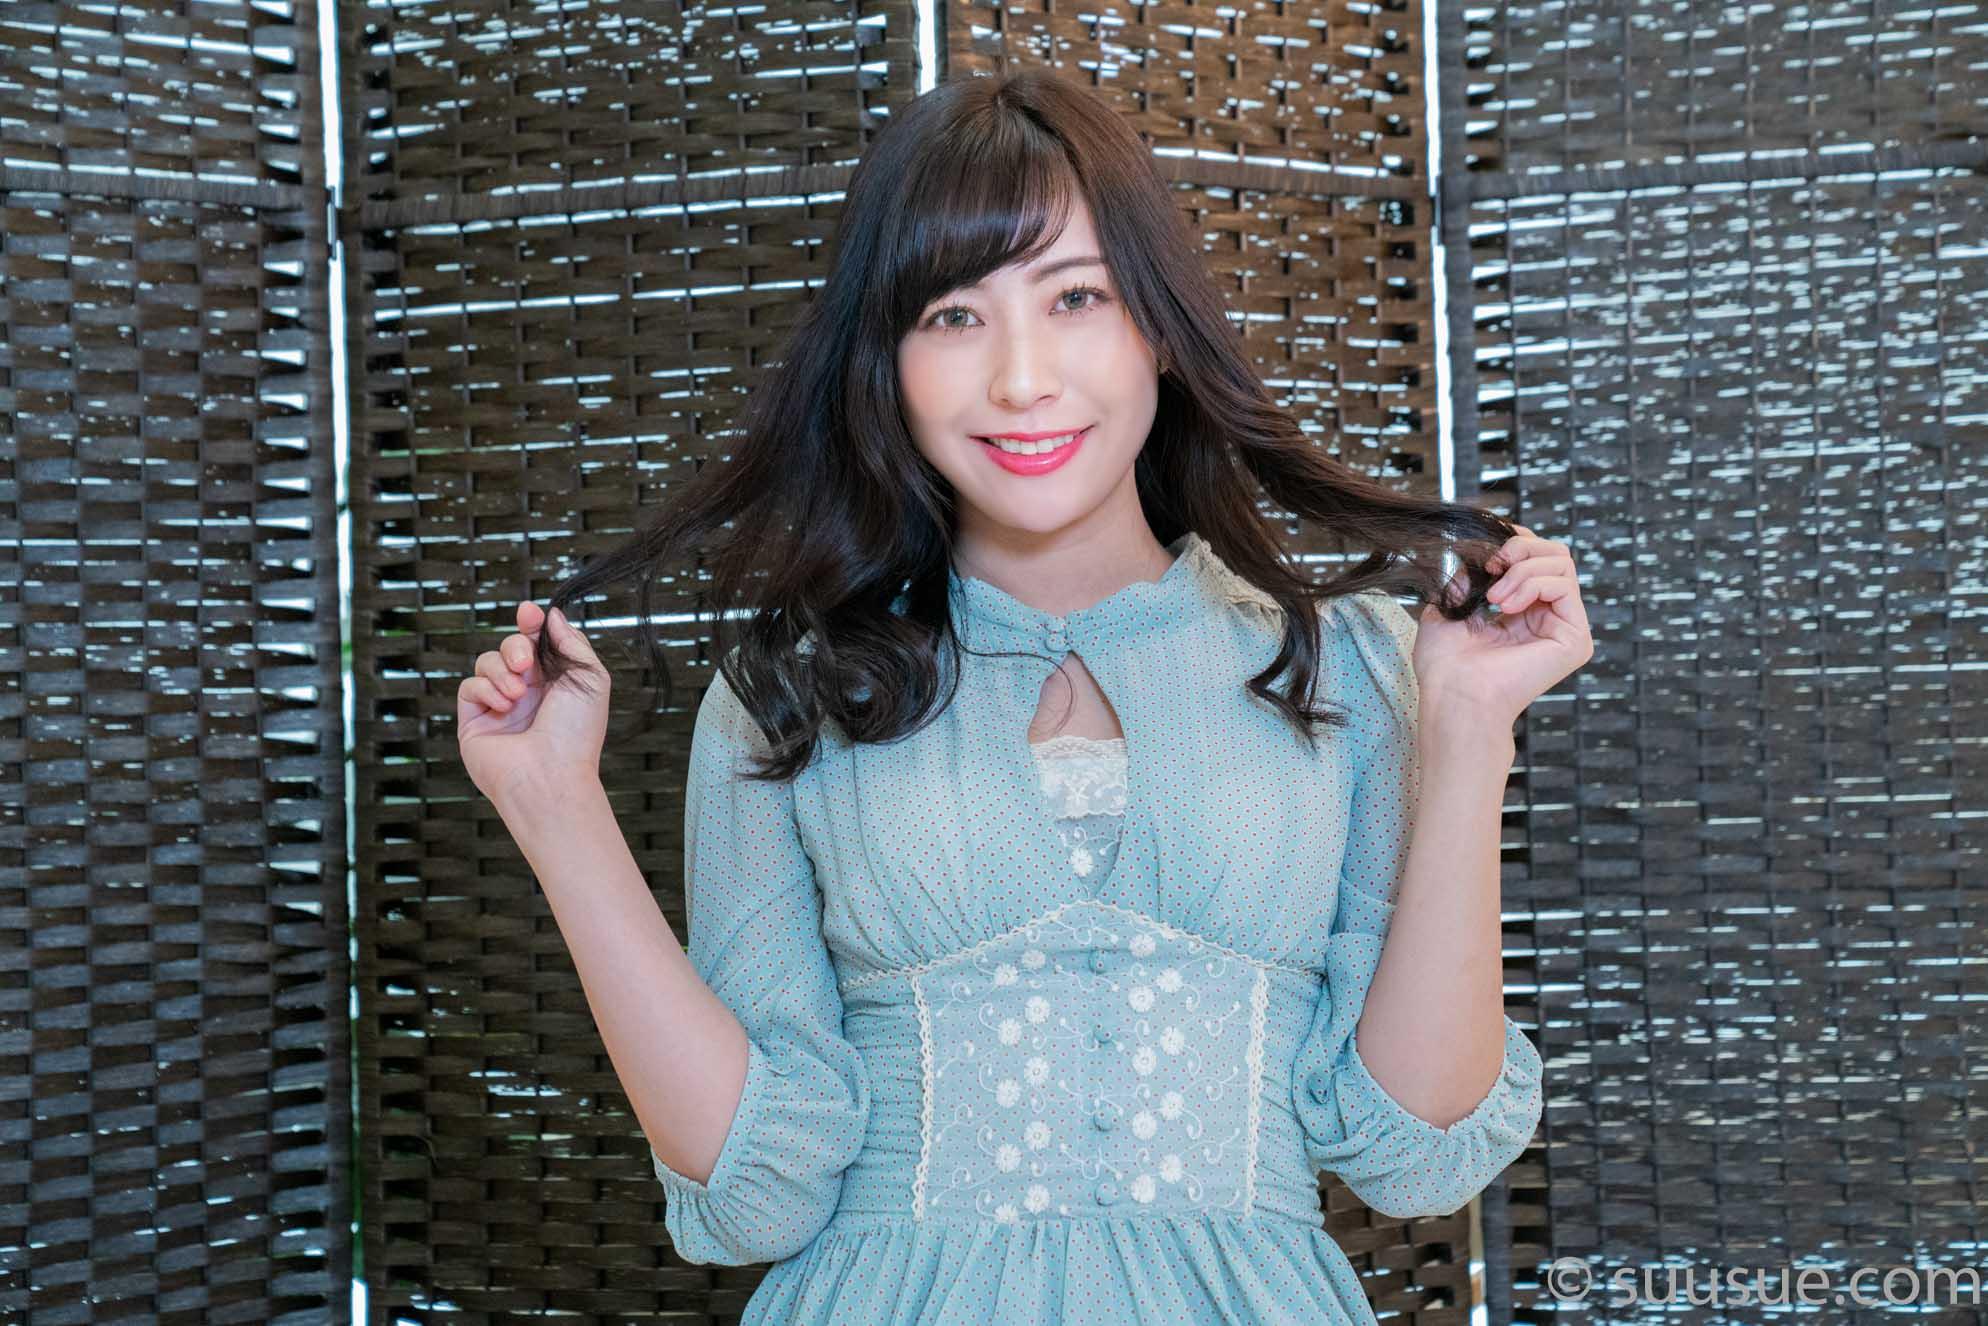 緑川ちひろ 2019/01/26 スタイルコーポレーション撮影会